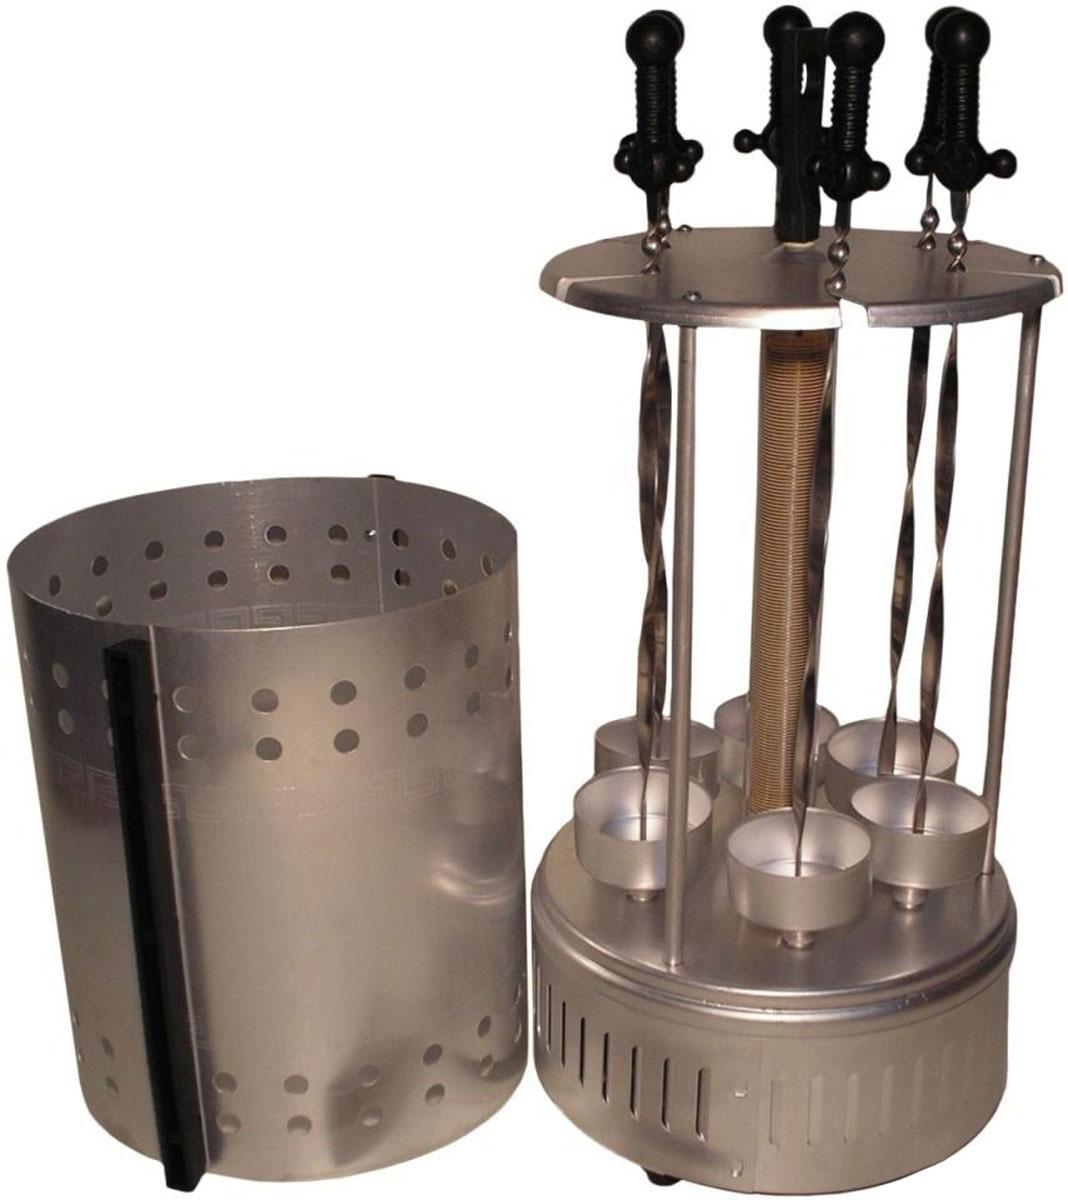 Пикник ЭШВ-1,25/220 электрошашлычницаЭШВ-1,25/220Электрошашлычница Пикник ЭШВ-1,25/220, предназначена для приготовления шашлыка в домашних условиях. Нагревательный элемент устройства из соображений безопасности заключен в стекло. Масса сырого шашлыка для одной загрузки составляет 1.6 кг. Шампуры вращаются с частотой 2 оборота в минуту, что обеспечивает оптимальную прожарку продукта. Для полноты вкусовых ощущений вы можете использовать жидкий дым, тогда шашлык не будет отличаться от приготовленного в мангале.